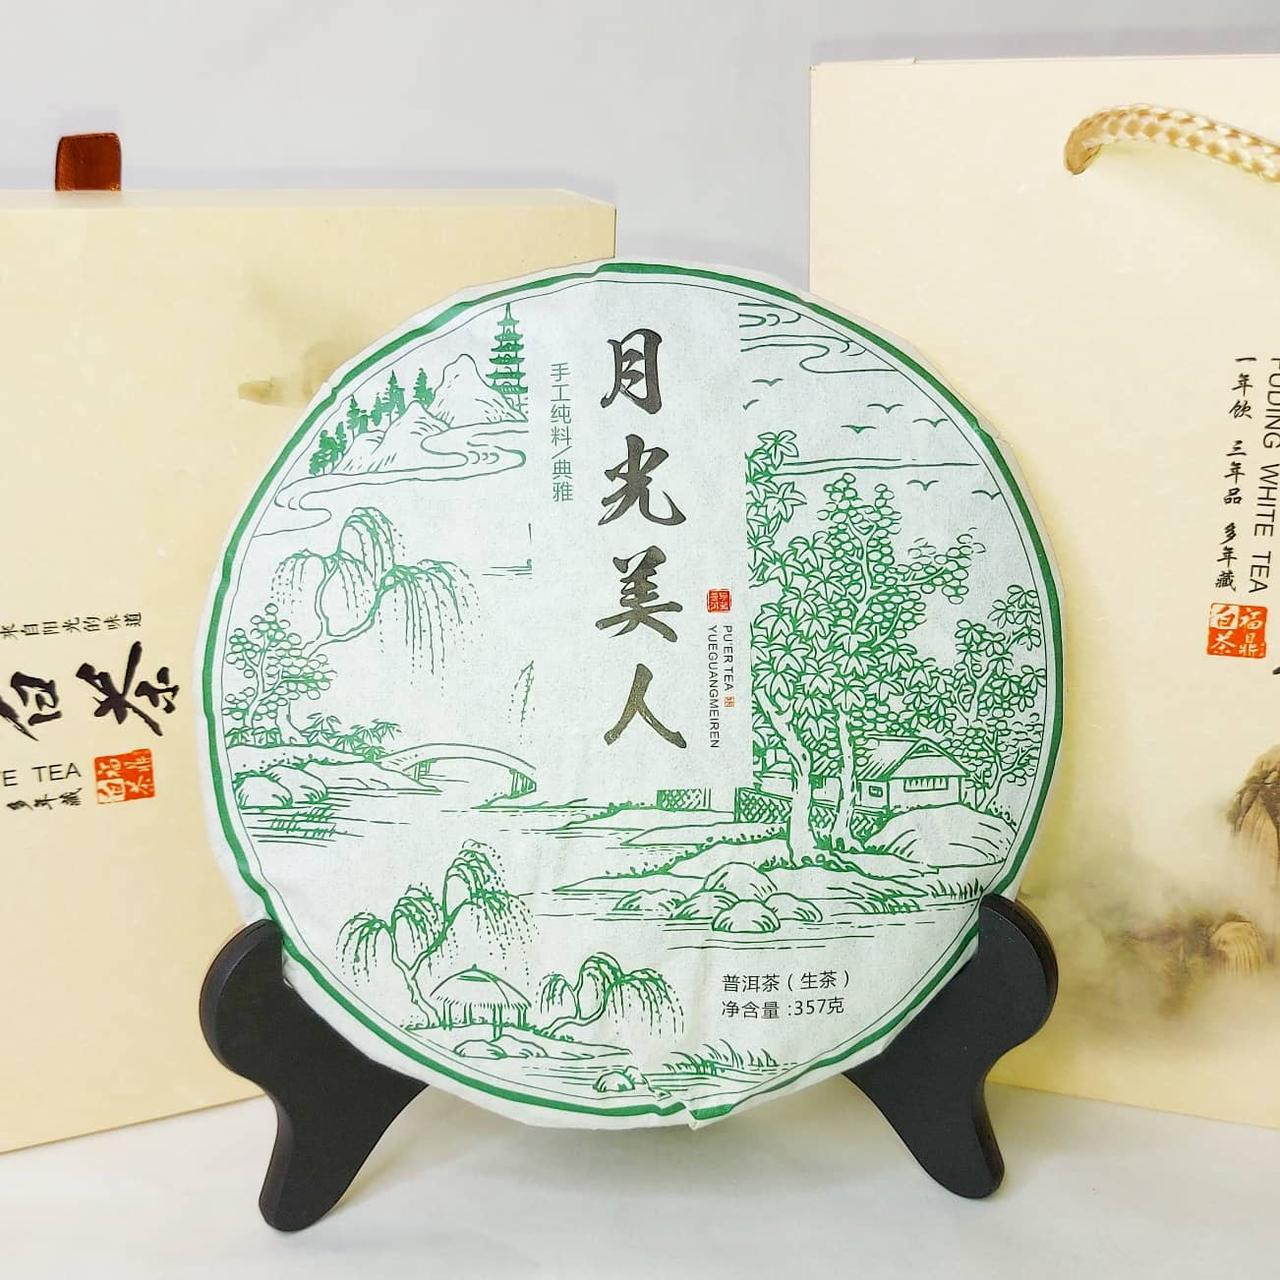 Чай Пуер «Бінг-ча преміум» Шен (385 г) в подарочной упаковке. Коробок + пакет.